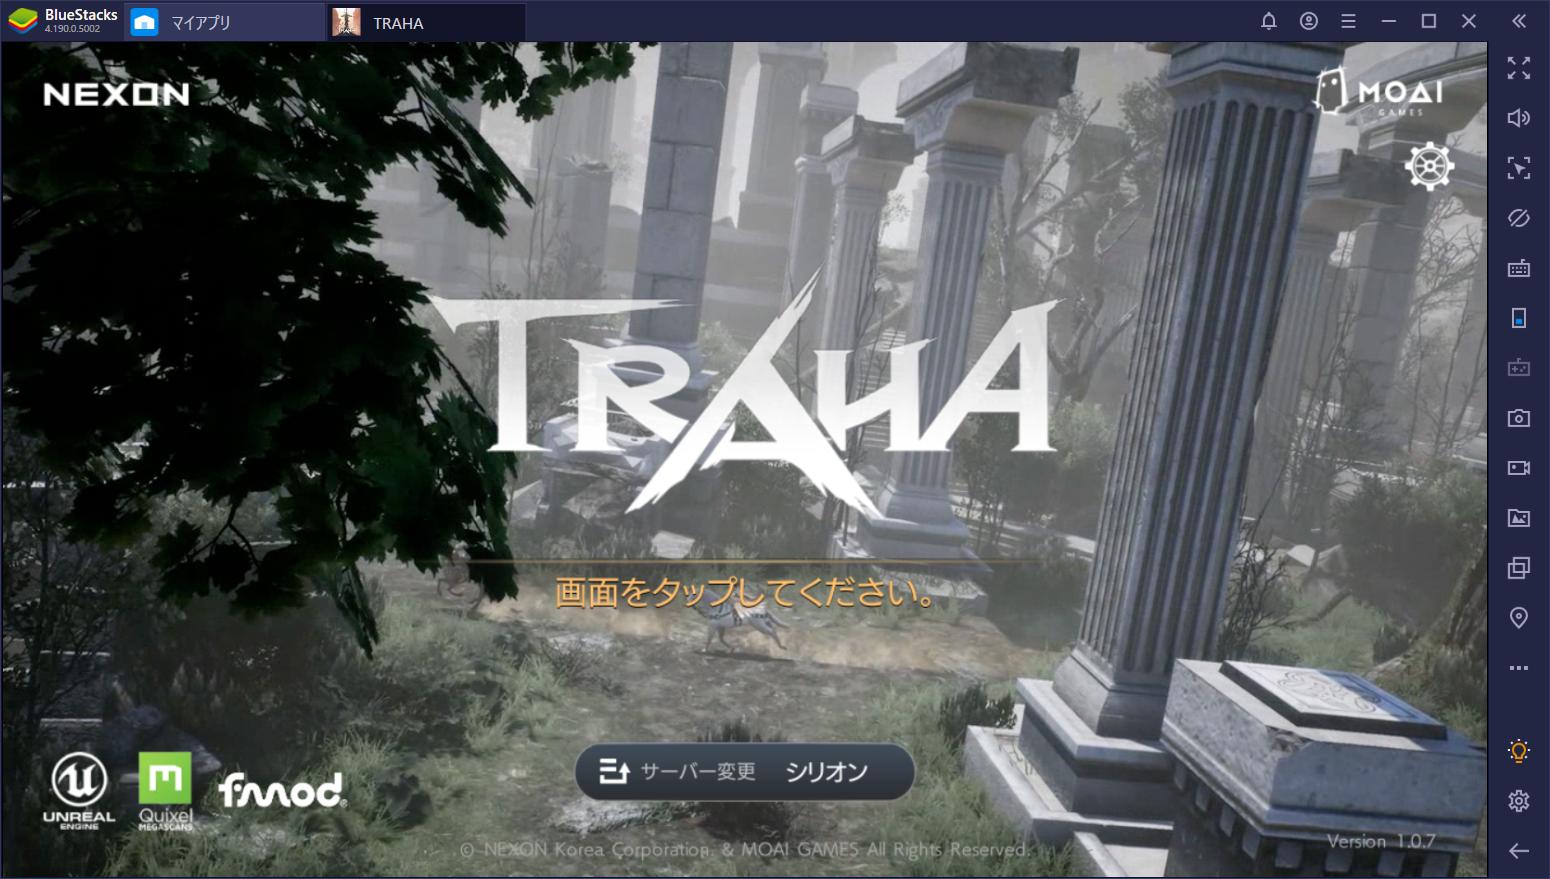 BlueStacksを使ってPCで『TRAHA』を遊ぼう